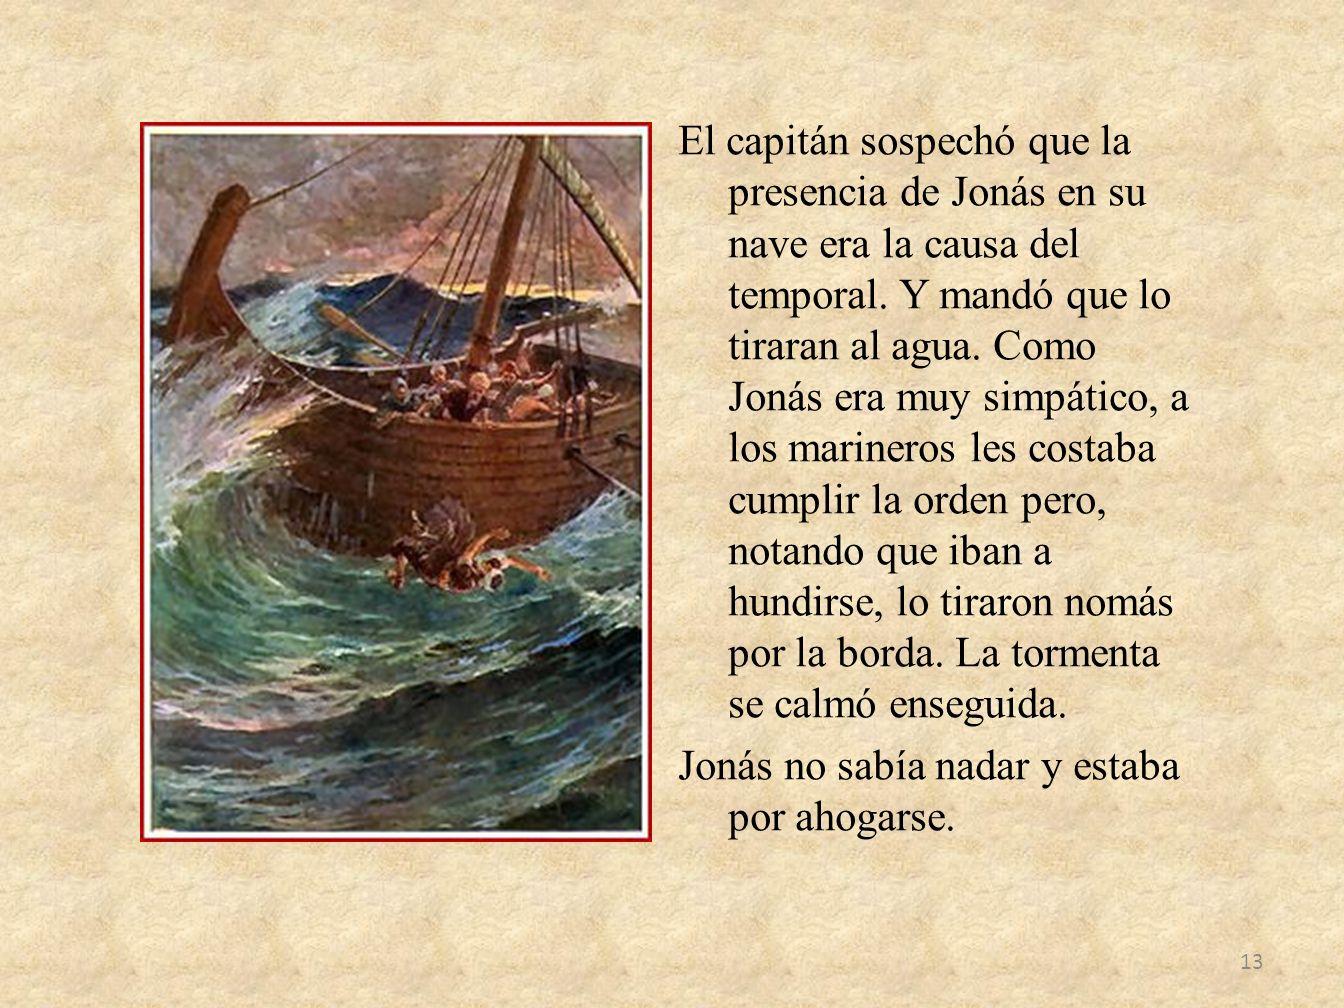 El capitán sospechó que la presencia de Jonás en su nave era la causa del temporal.